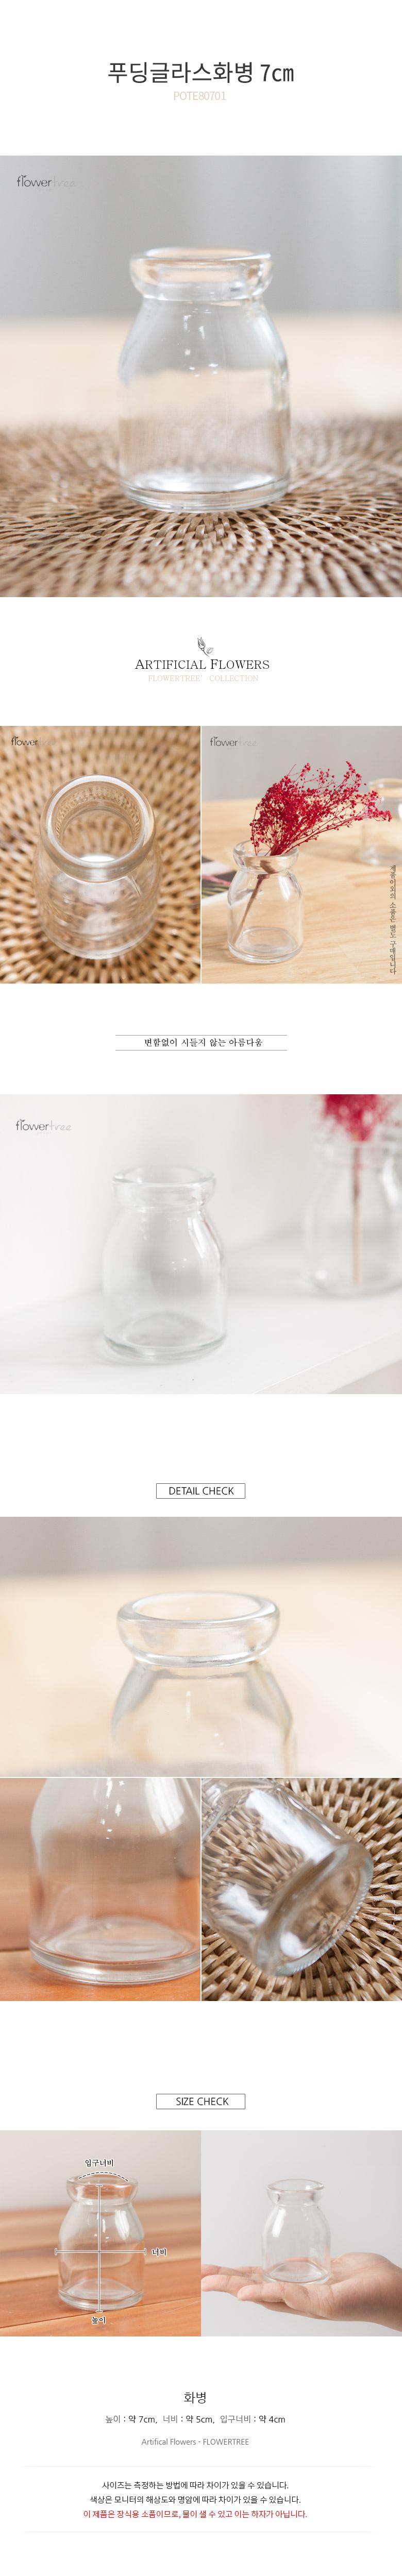 푸딩글라스화병 5x7cm - 플라워트리, 1,200원, 화병/수반, 도자기화병